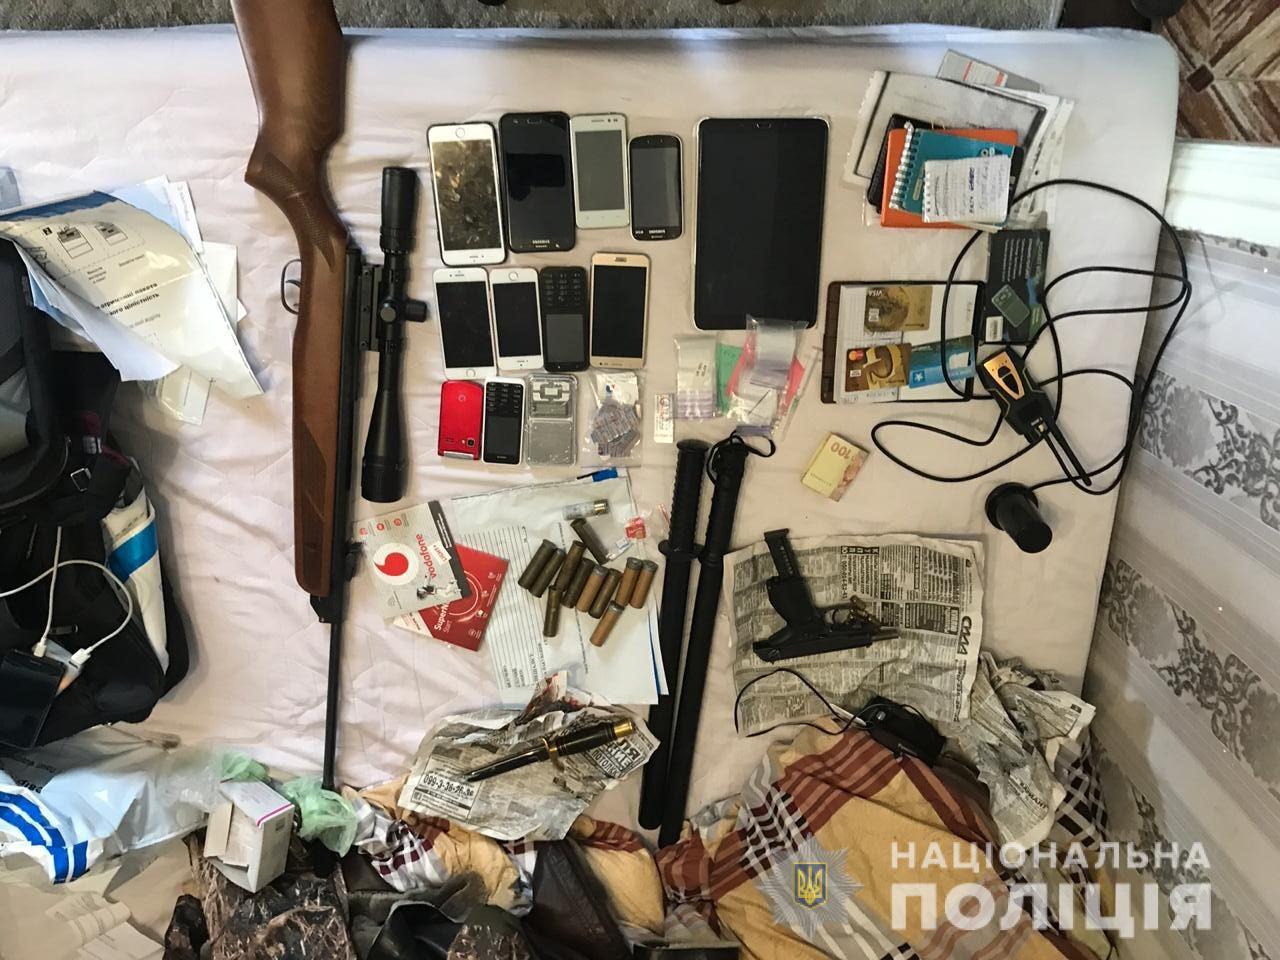 Пойманы наркоторговцы: при обыске нашли наркотики и оружие. Новости Днепра